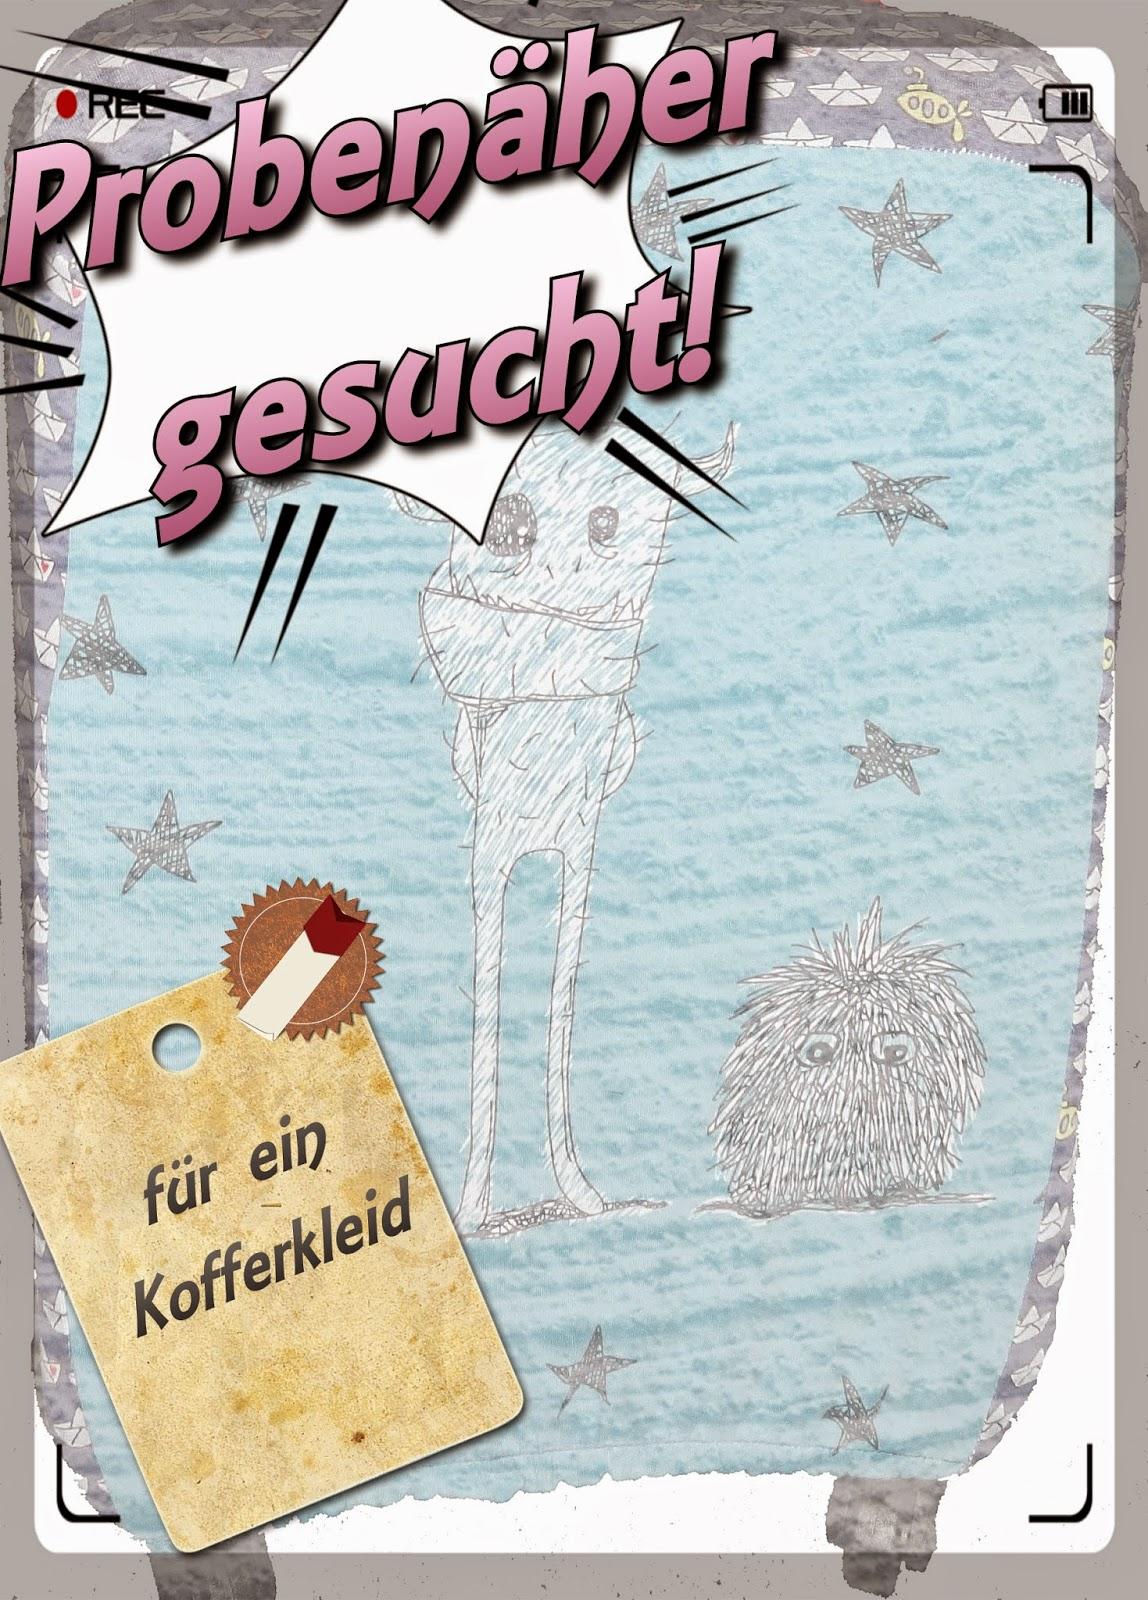 http://lange-naehte.blogspot.de/2015/01/auf-ein-neues-probenaher-gesucht.html